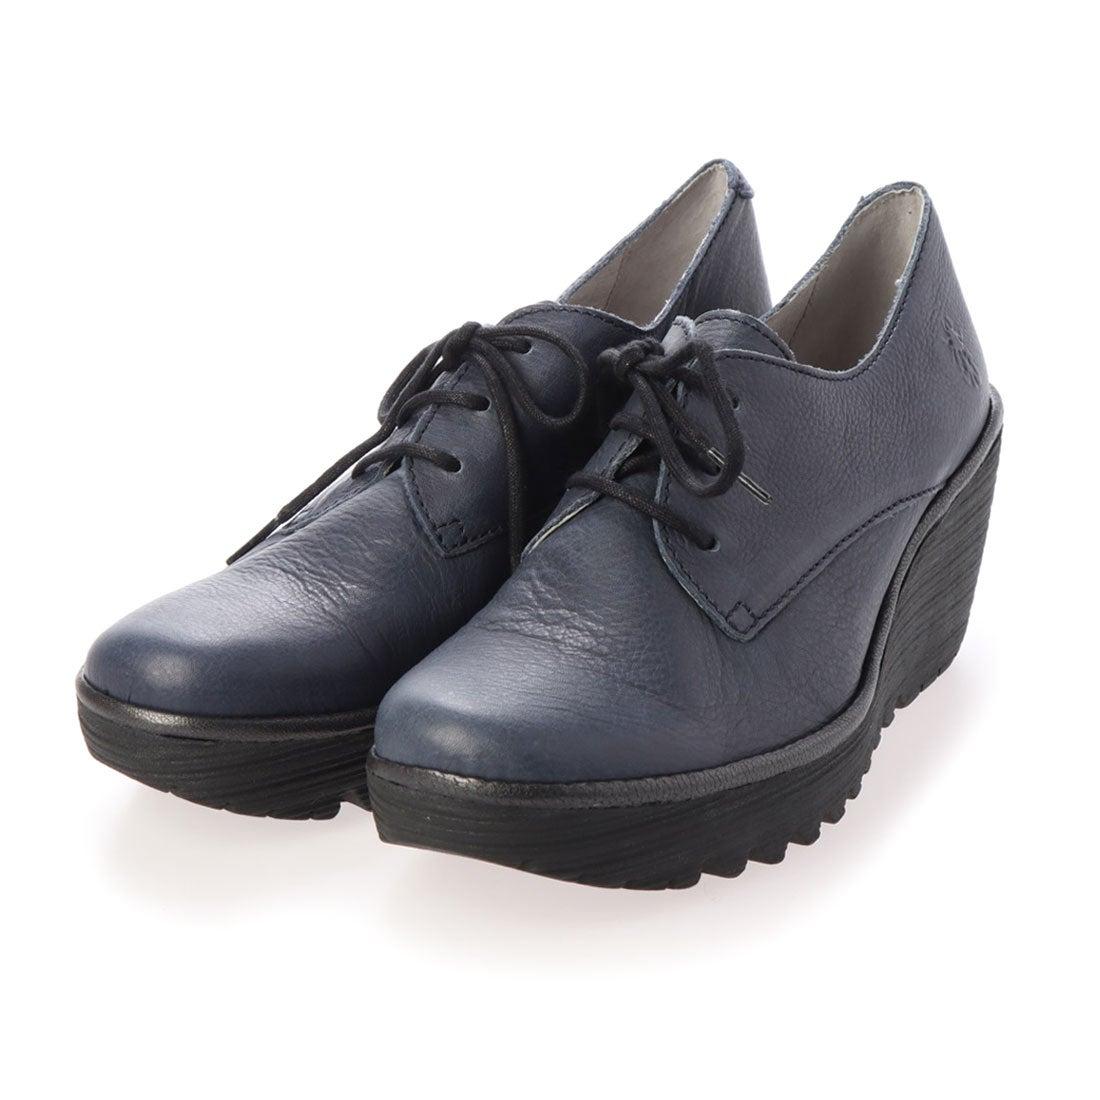 ヨーロッパコンフォートシューズ EU Comfort Shoes スニーカー (ネイビー)